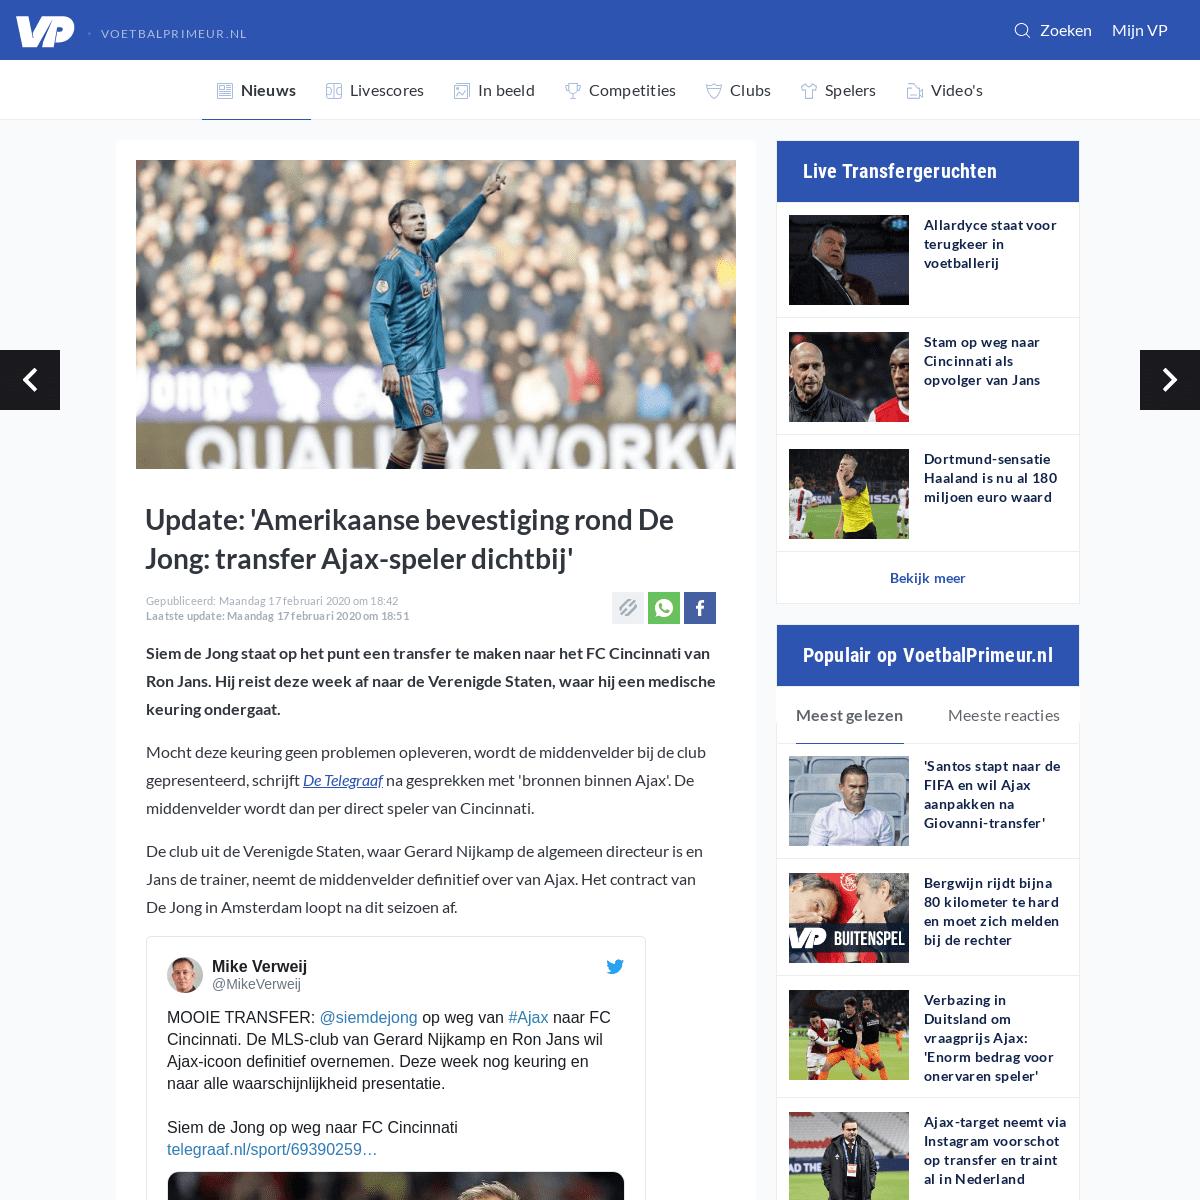 Update- 'Amerikaanse bevestiging rond De Jong- transfer Ajax-speler dichtbij' - Voetbalprimeur